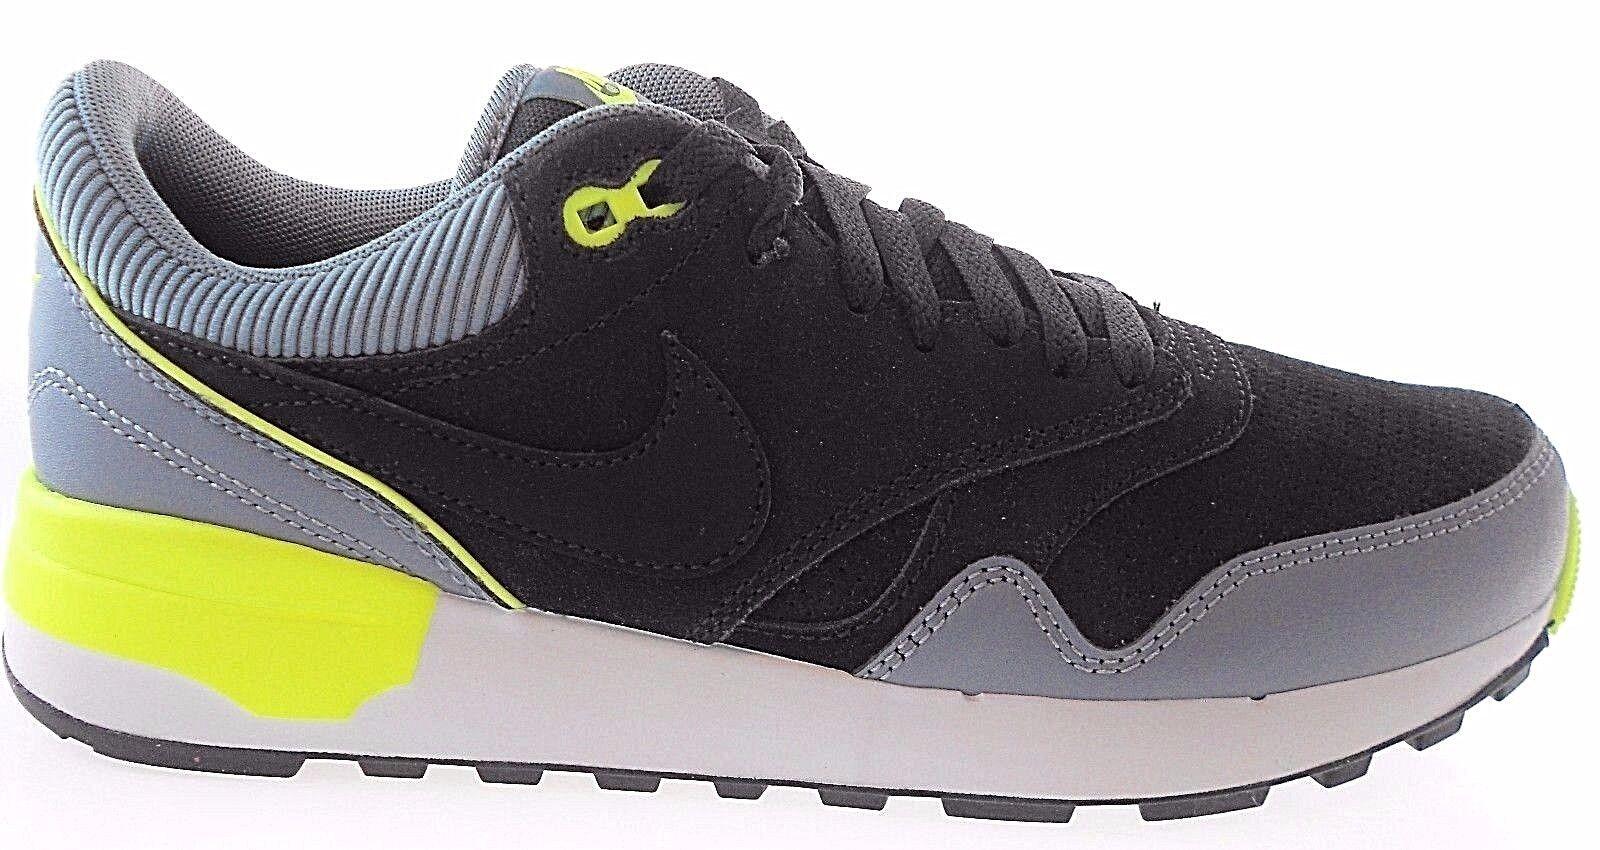 Nike Air Odyssey de los hombres del zapatillas, cuero negro / gris zapatillas, del reducción de precio 5e0e1a